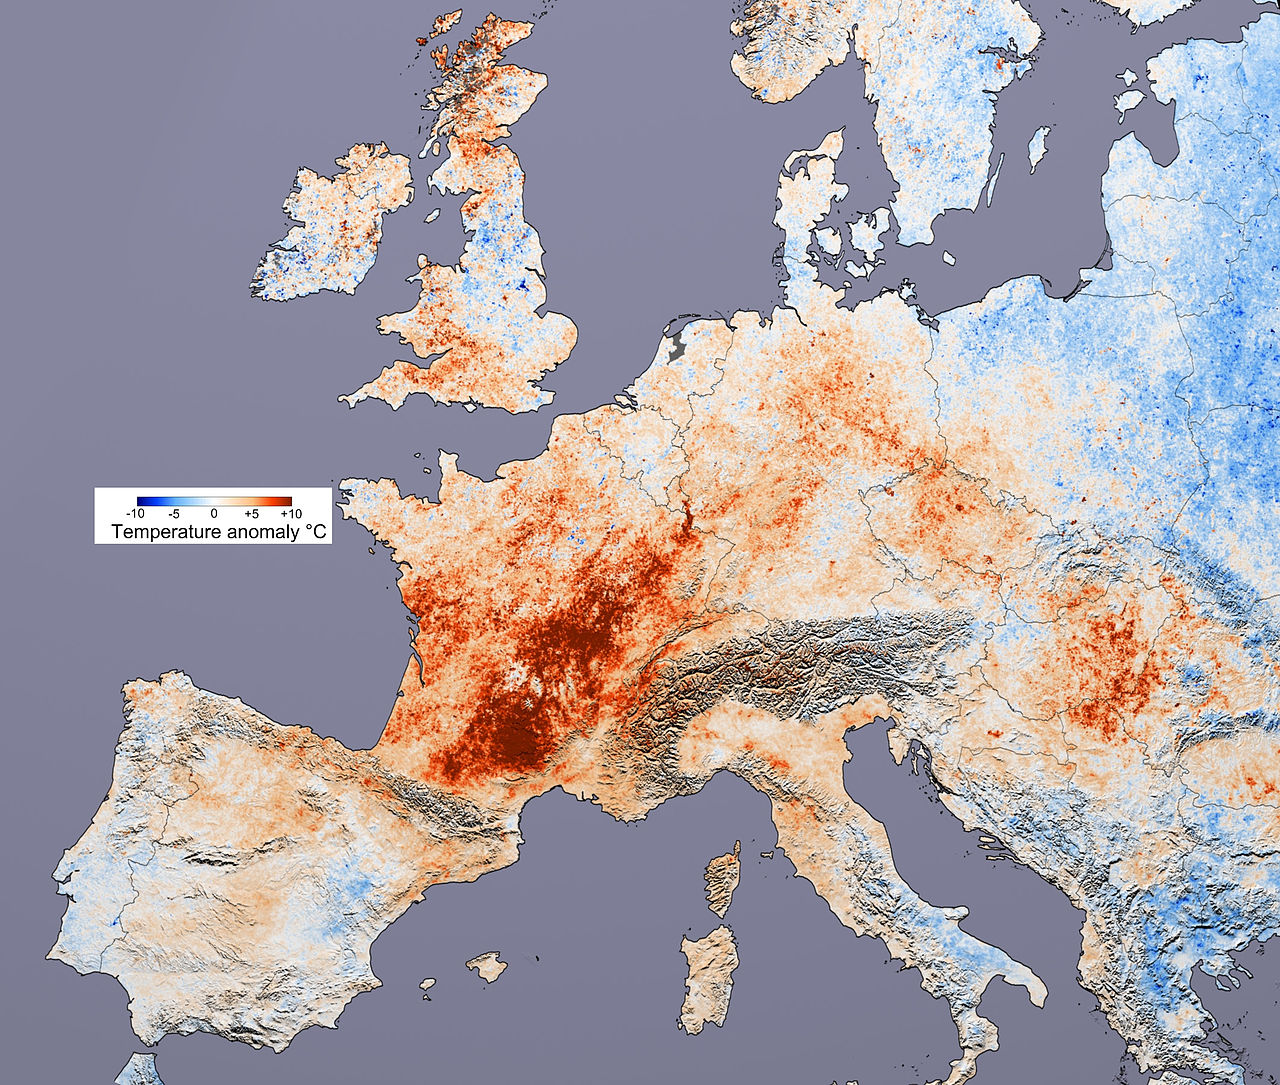 Estate 2003 fra Puglia,Grecia,Sicilia e Tunisia:un mito da sfatare-1280px-canicule_europe_2003.jpg